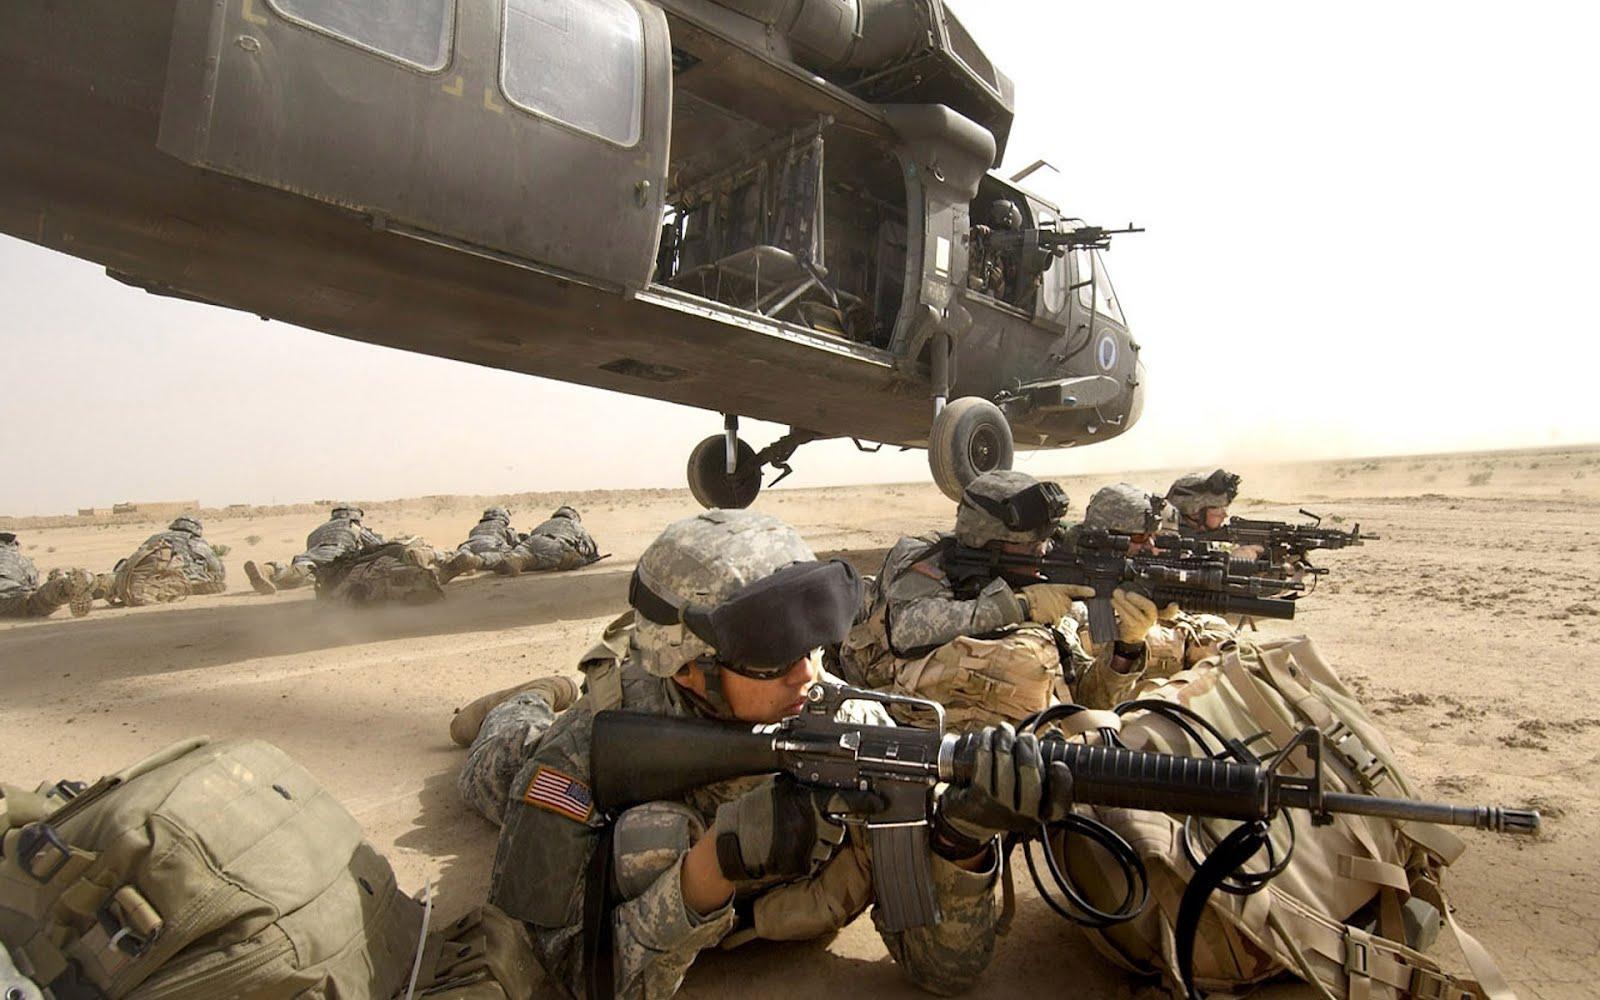 http://4.bp.blogspot.com/-1rLJHZ1lq40/UESxv6UW9oI/AAAAAAAABGs/s62u6NsTles/s1600/military%2Bwallpapers%2Bhd%2B5.jpg